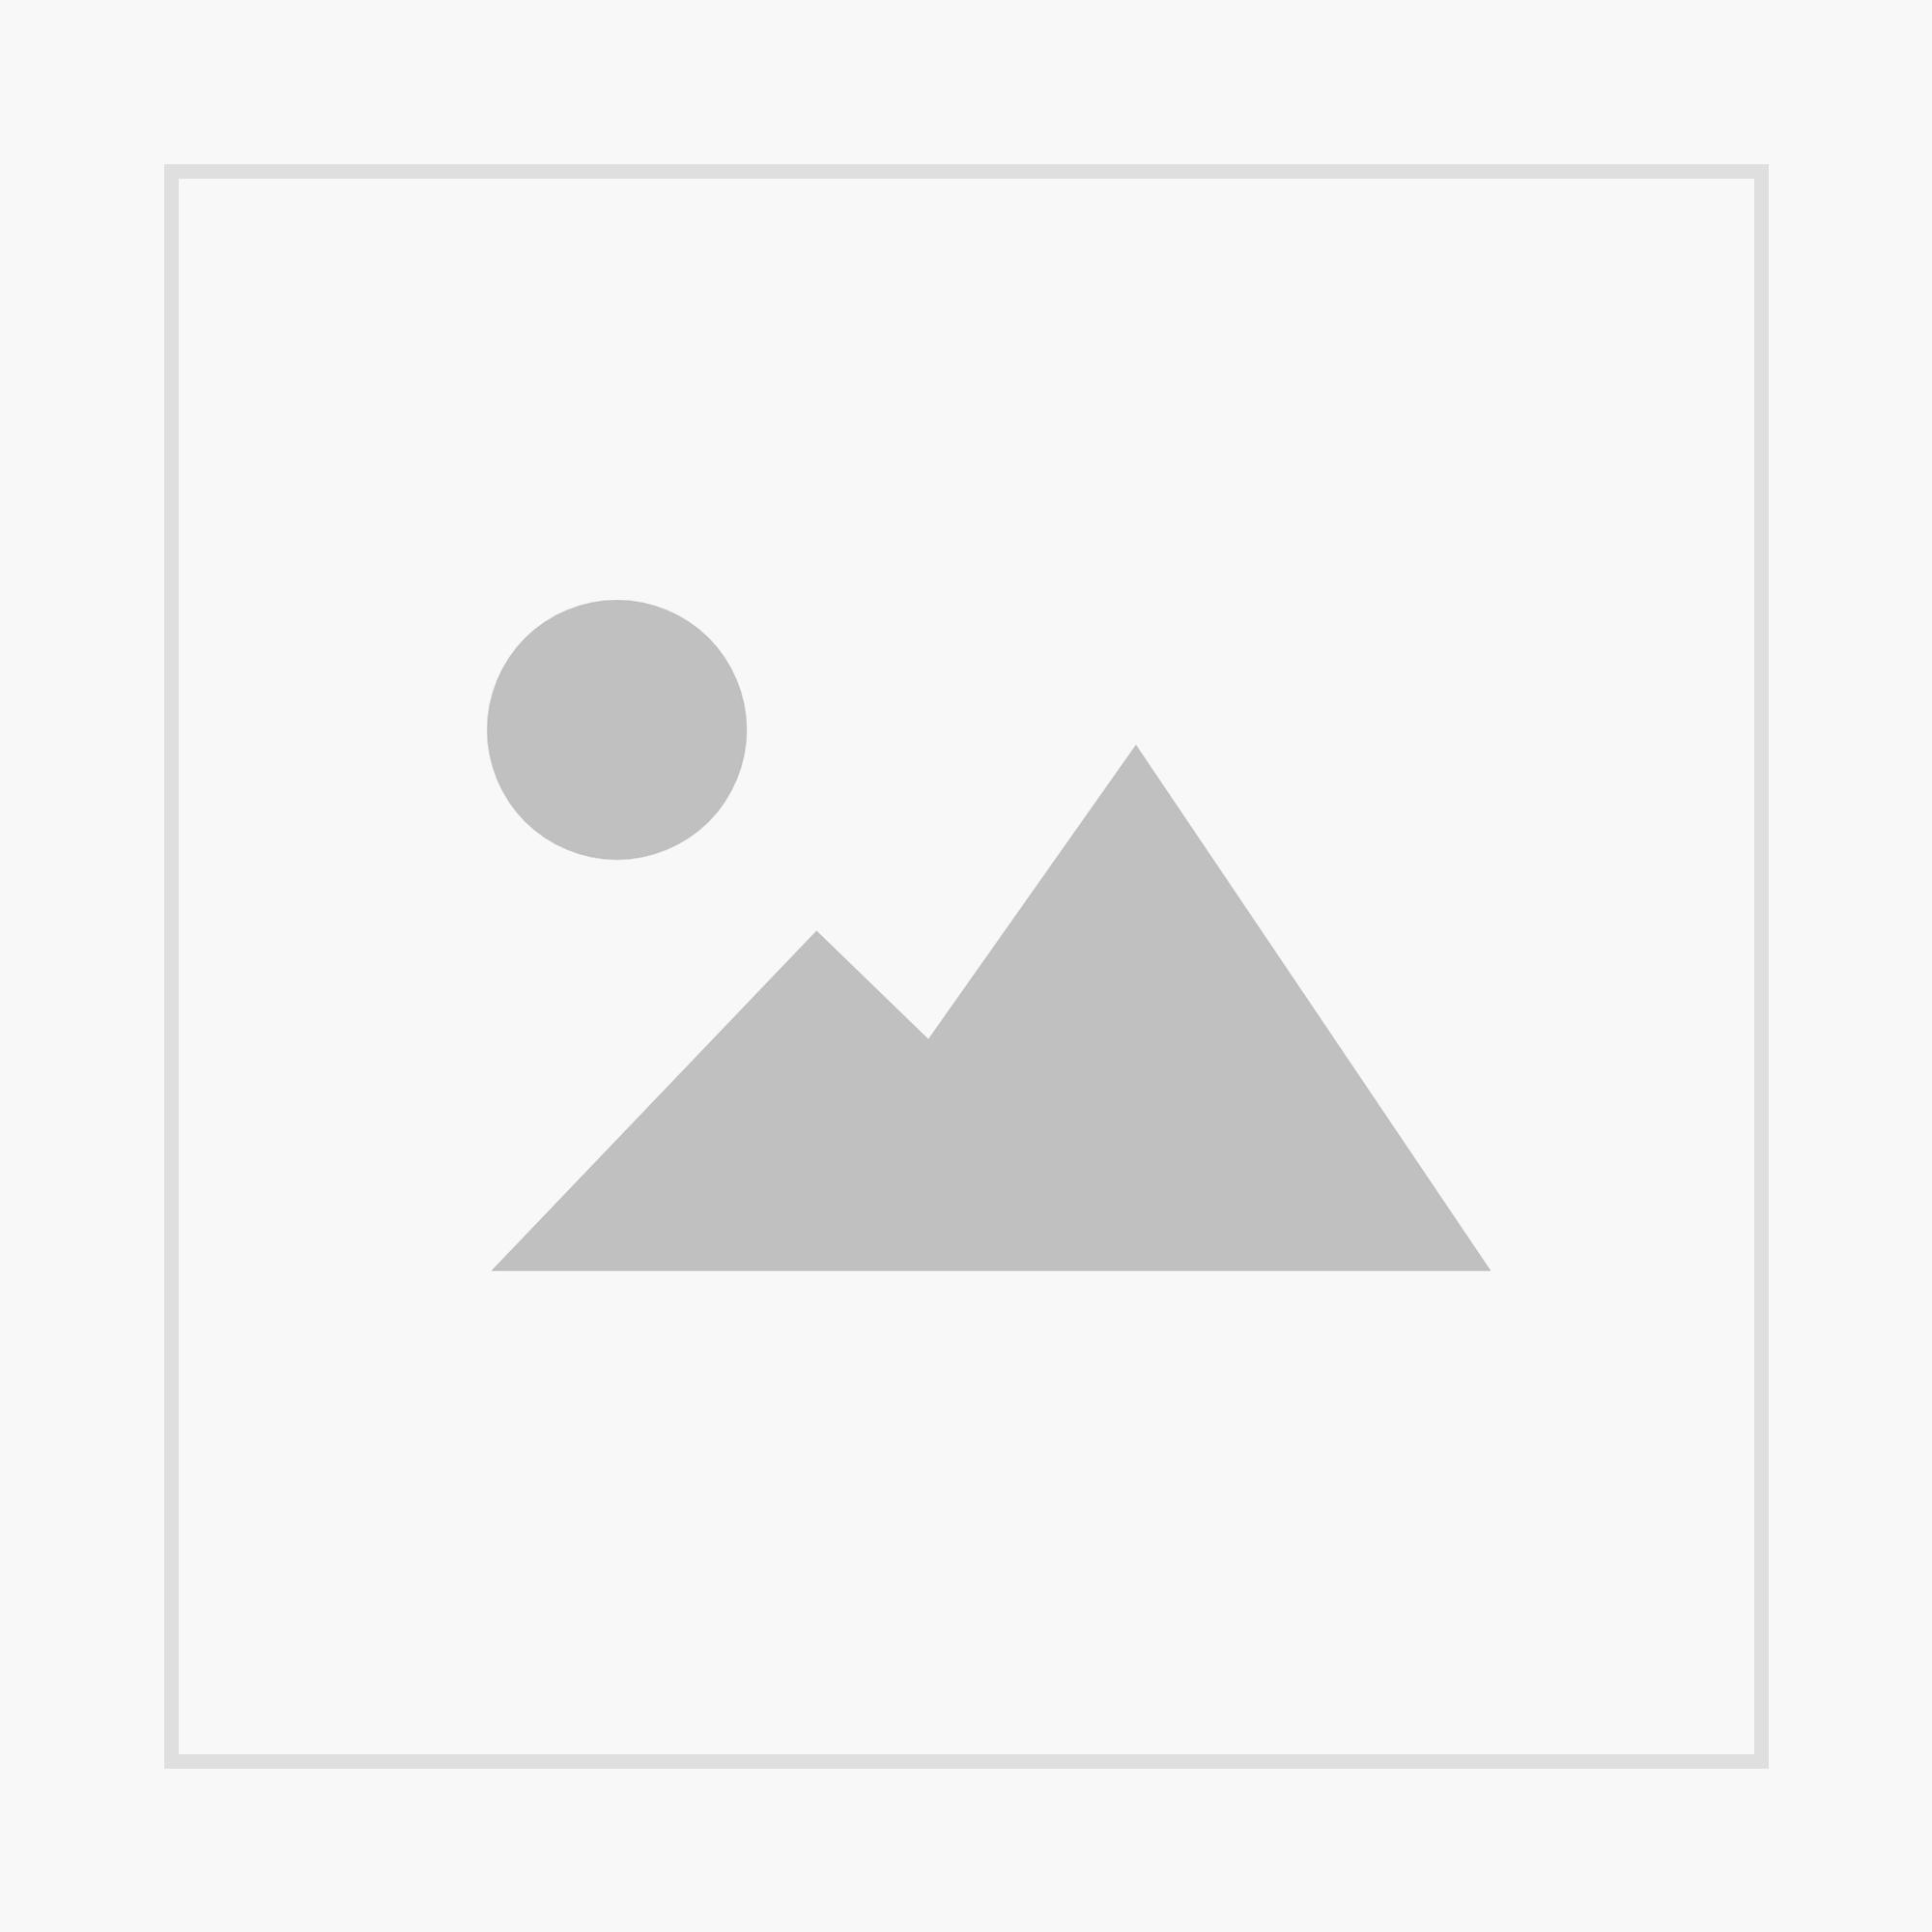 NaBiV Heft 164: Natura 2000 und Artenschutz in der Agrarlandschaft